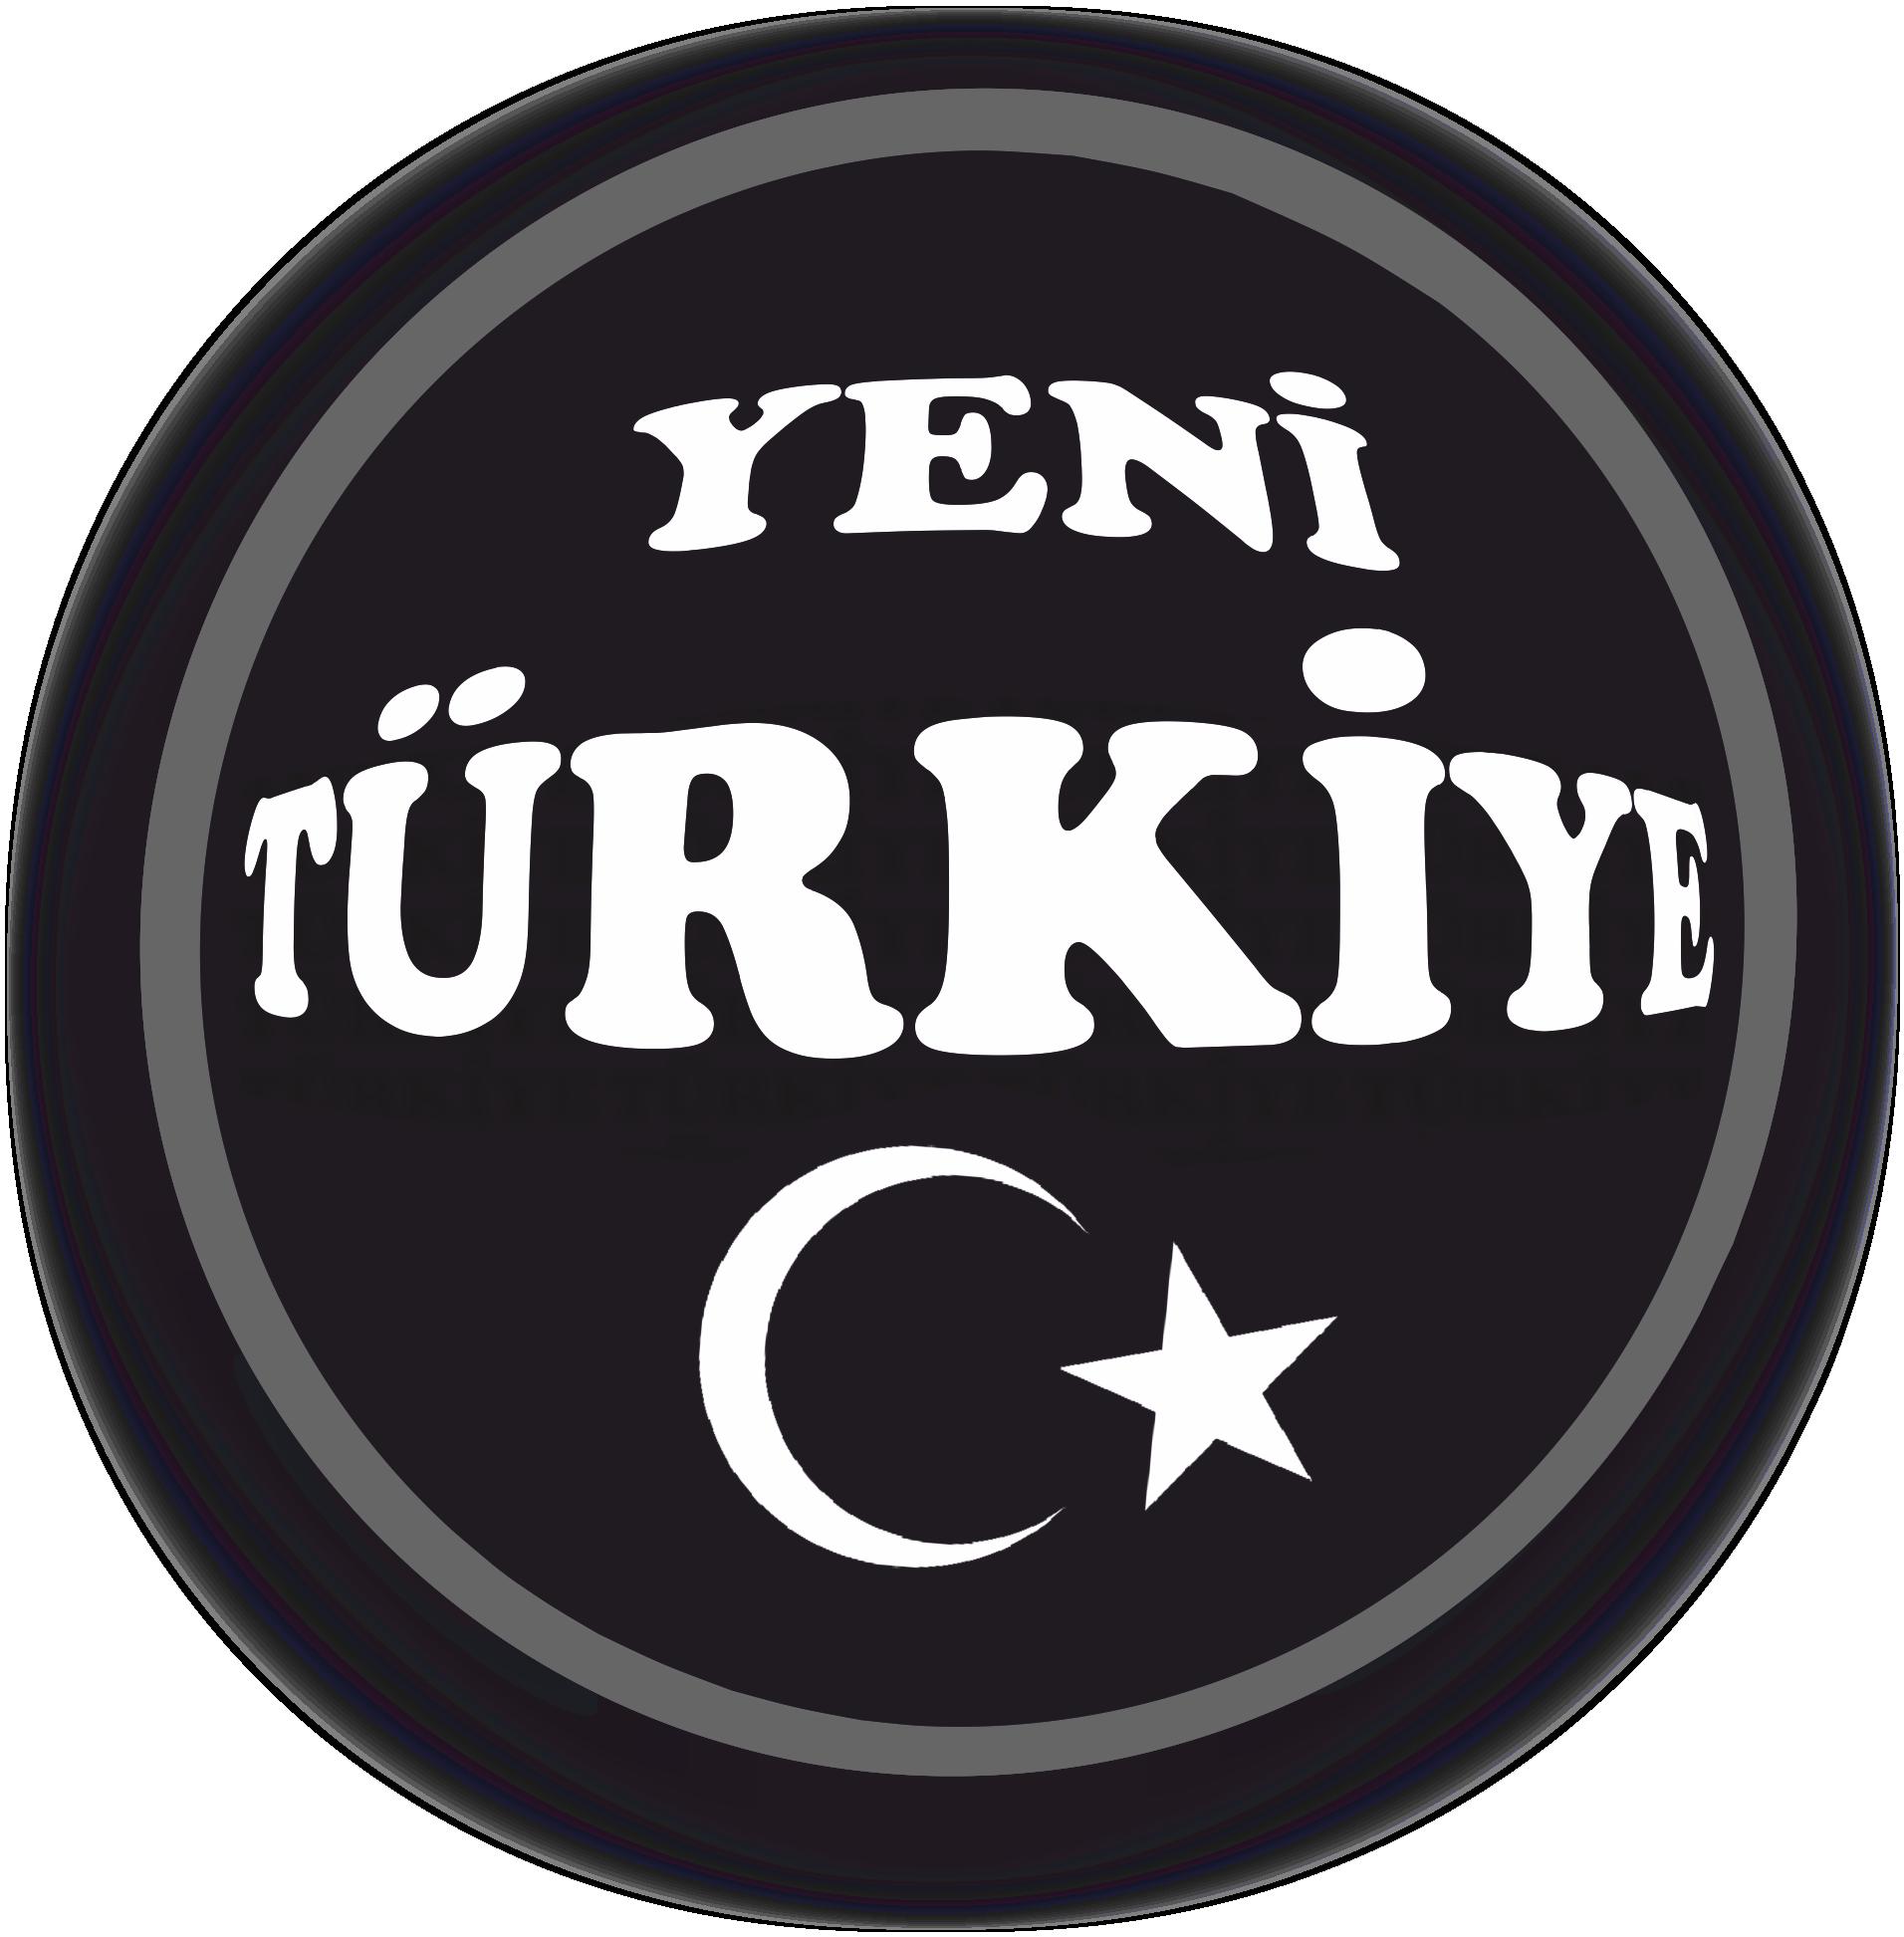 Yeni-Türkiye Gerçekleri